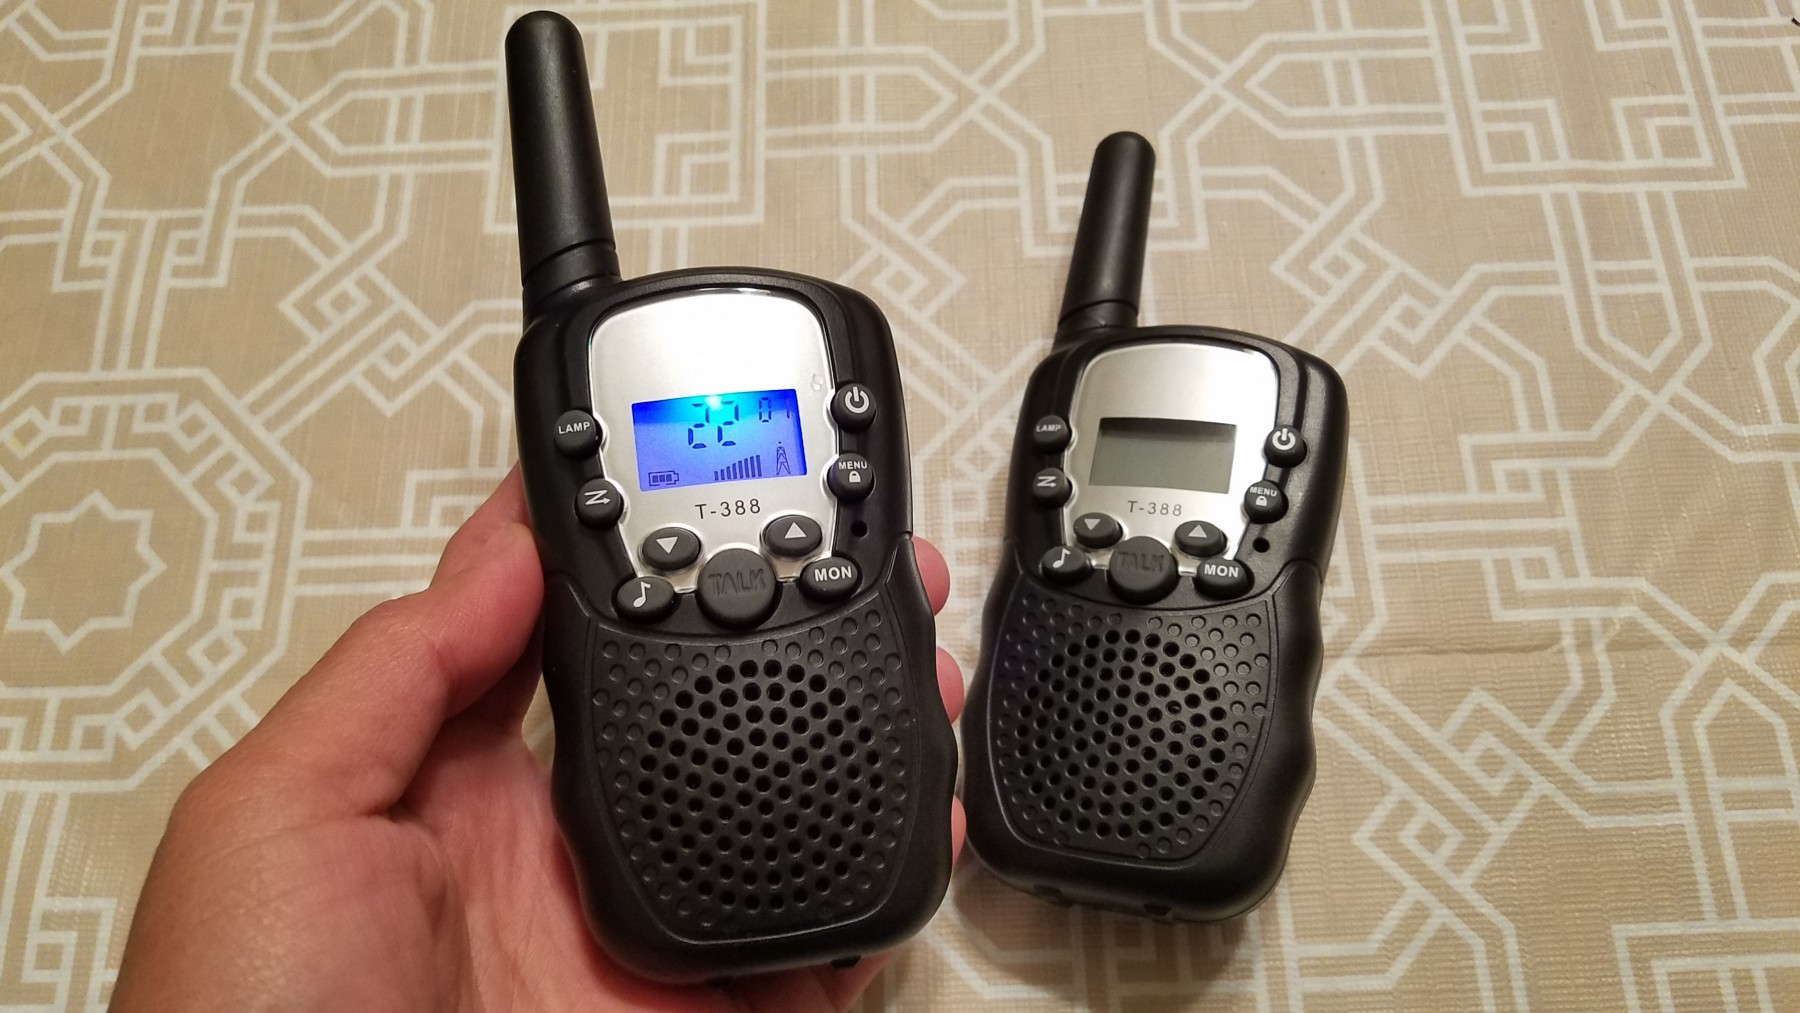 Affordable walkie talkies